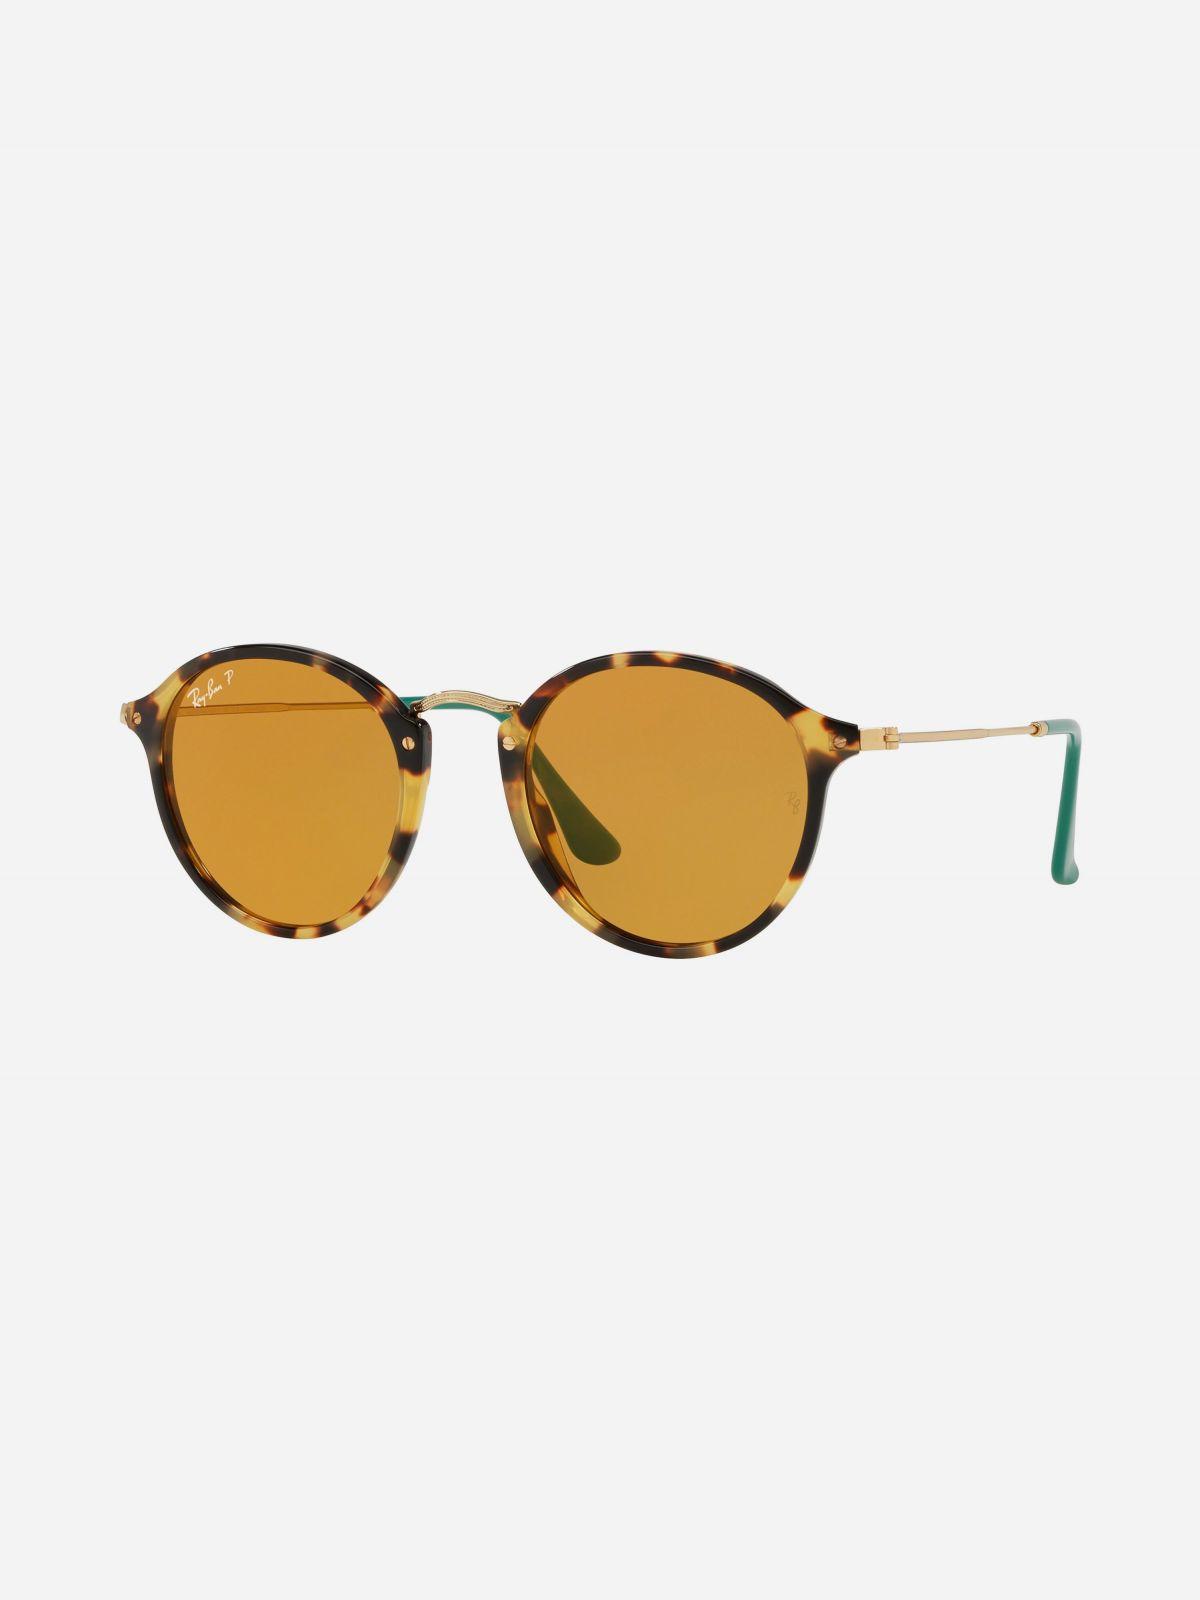 משקפי שמש עגולים עם מסגרת פלסטיק Round Classicמשקפי שמש עגולים עם מסגרת פלסטיק Round Classic של RAY-BAN